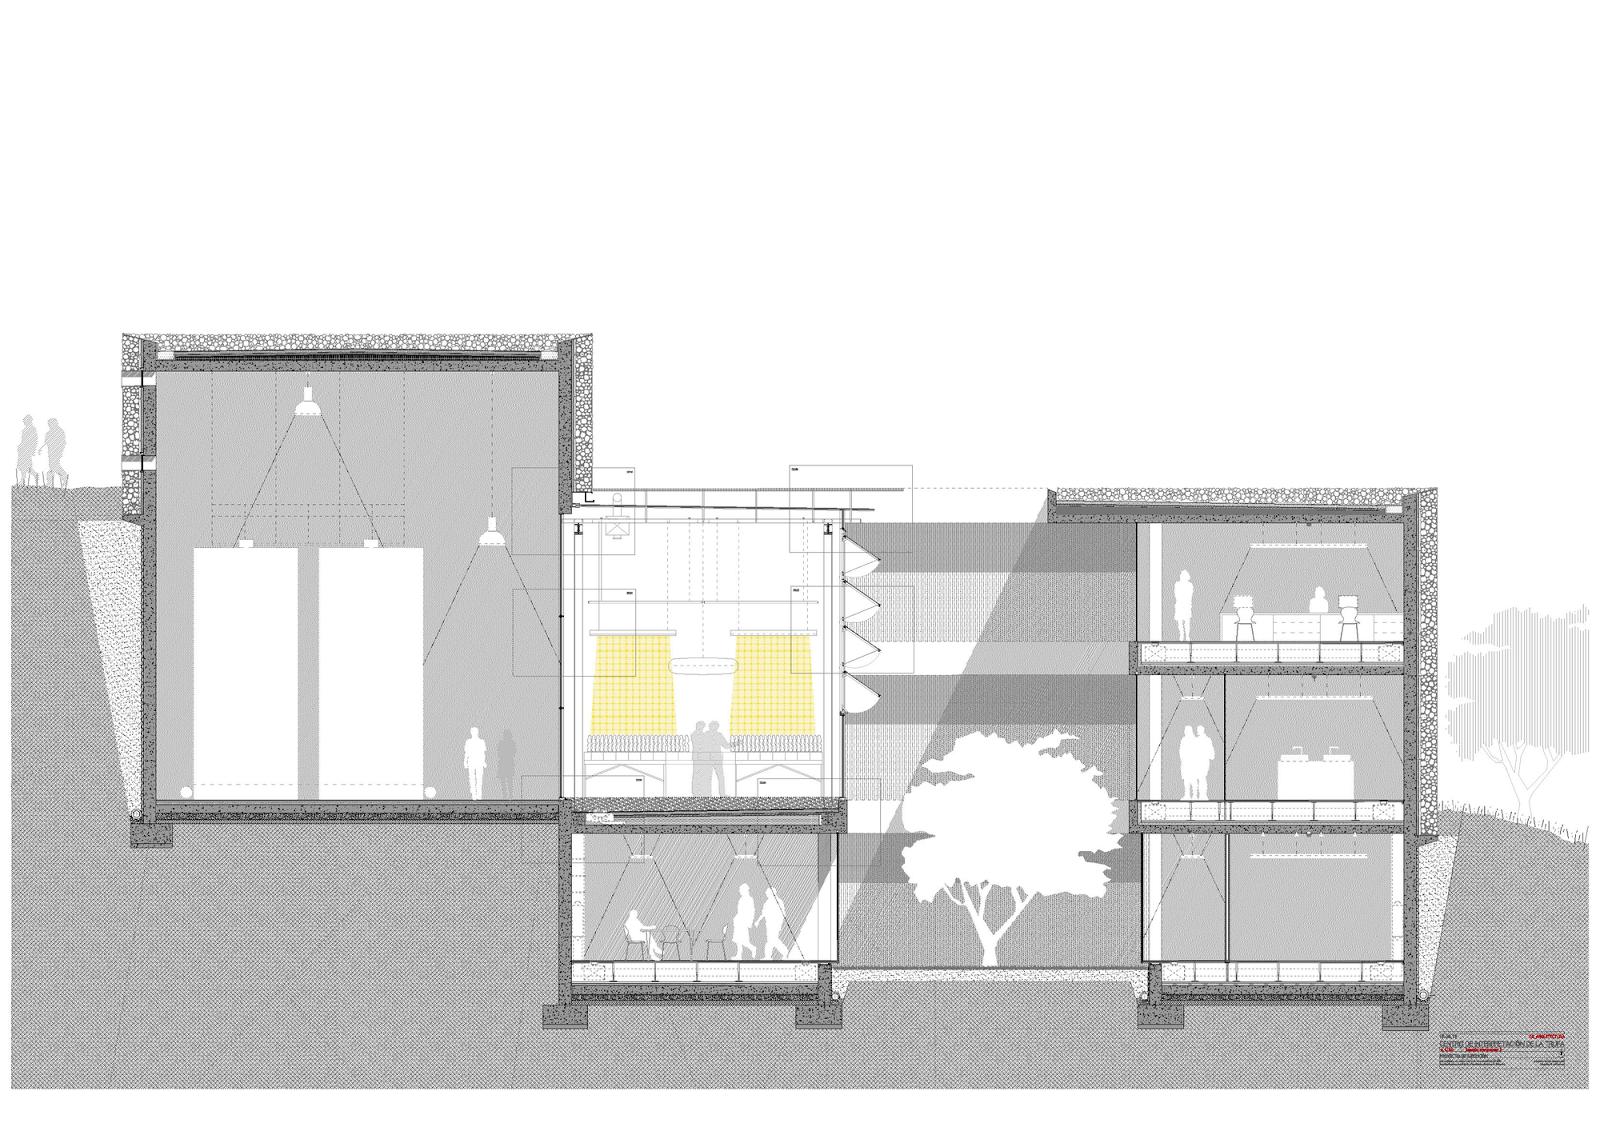 Architecture Section Cut Elena Mira Lillo Truffle S Center Of